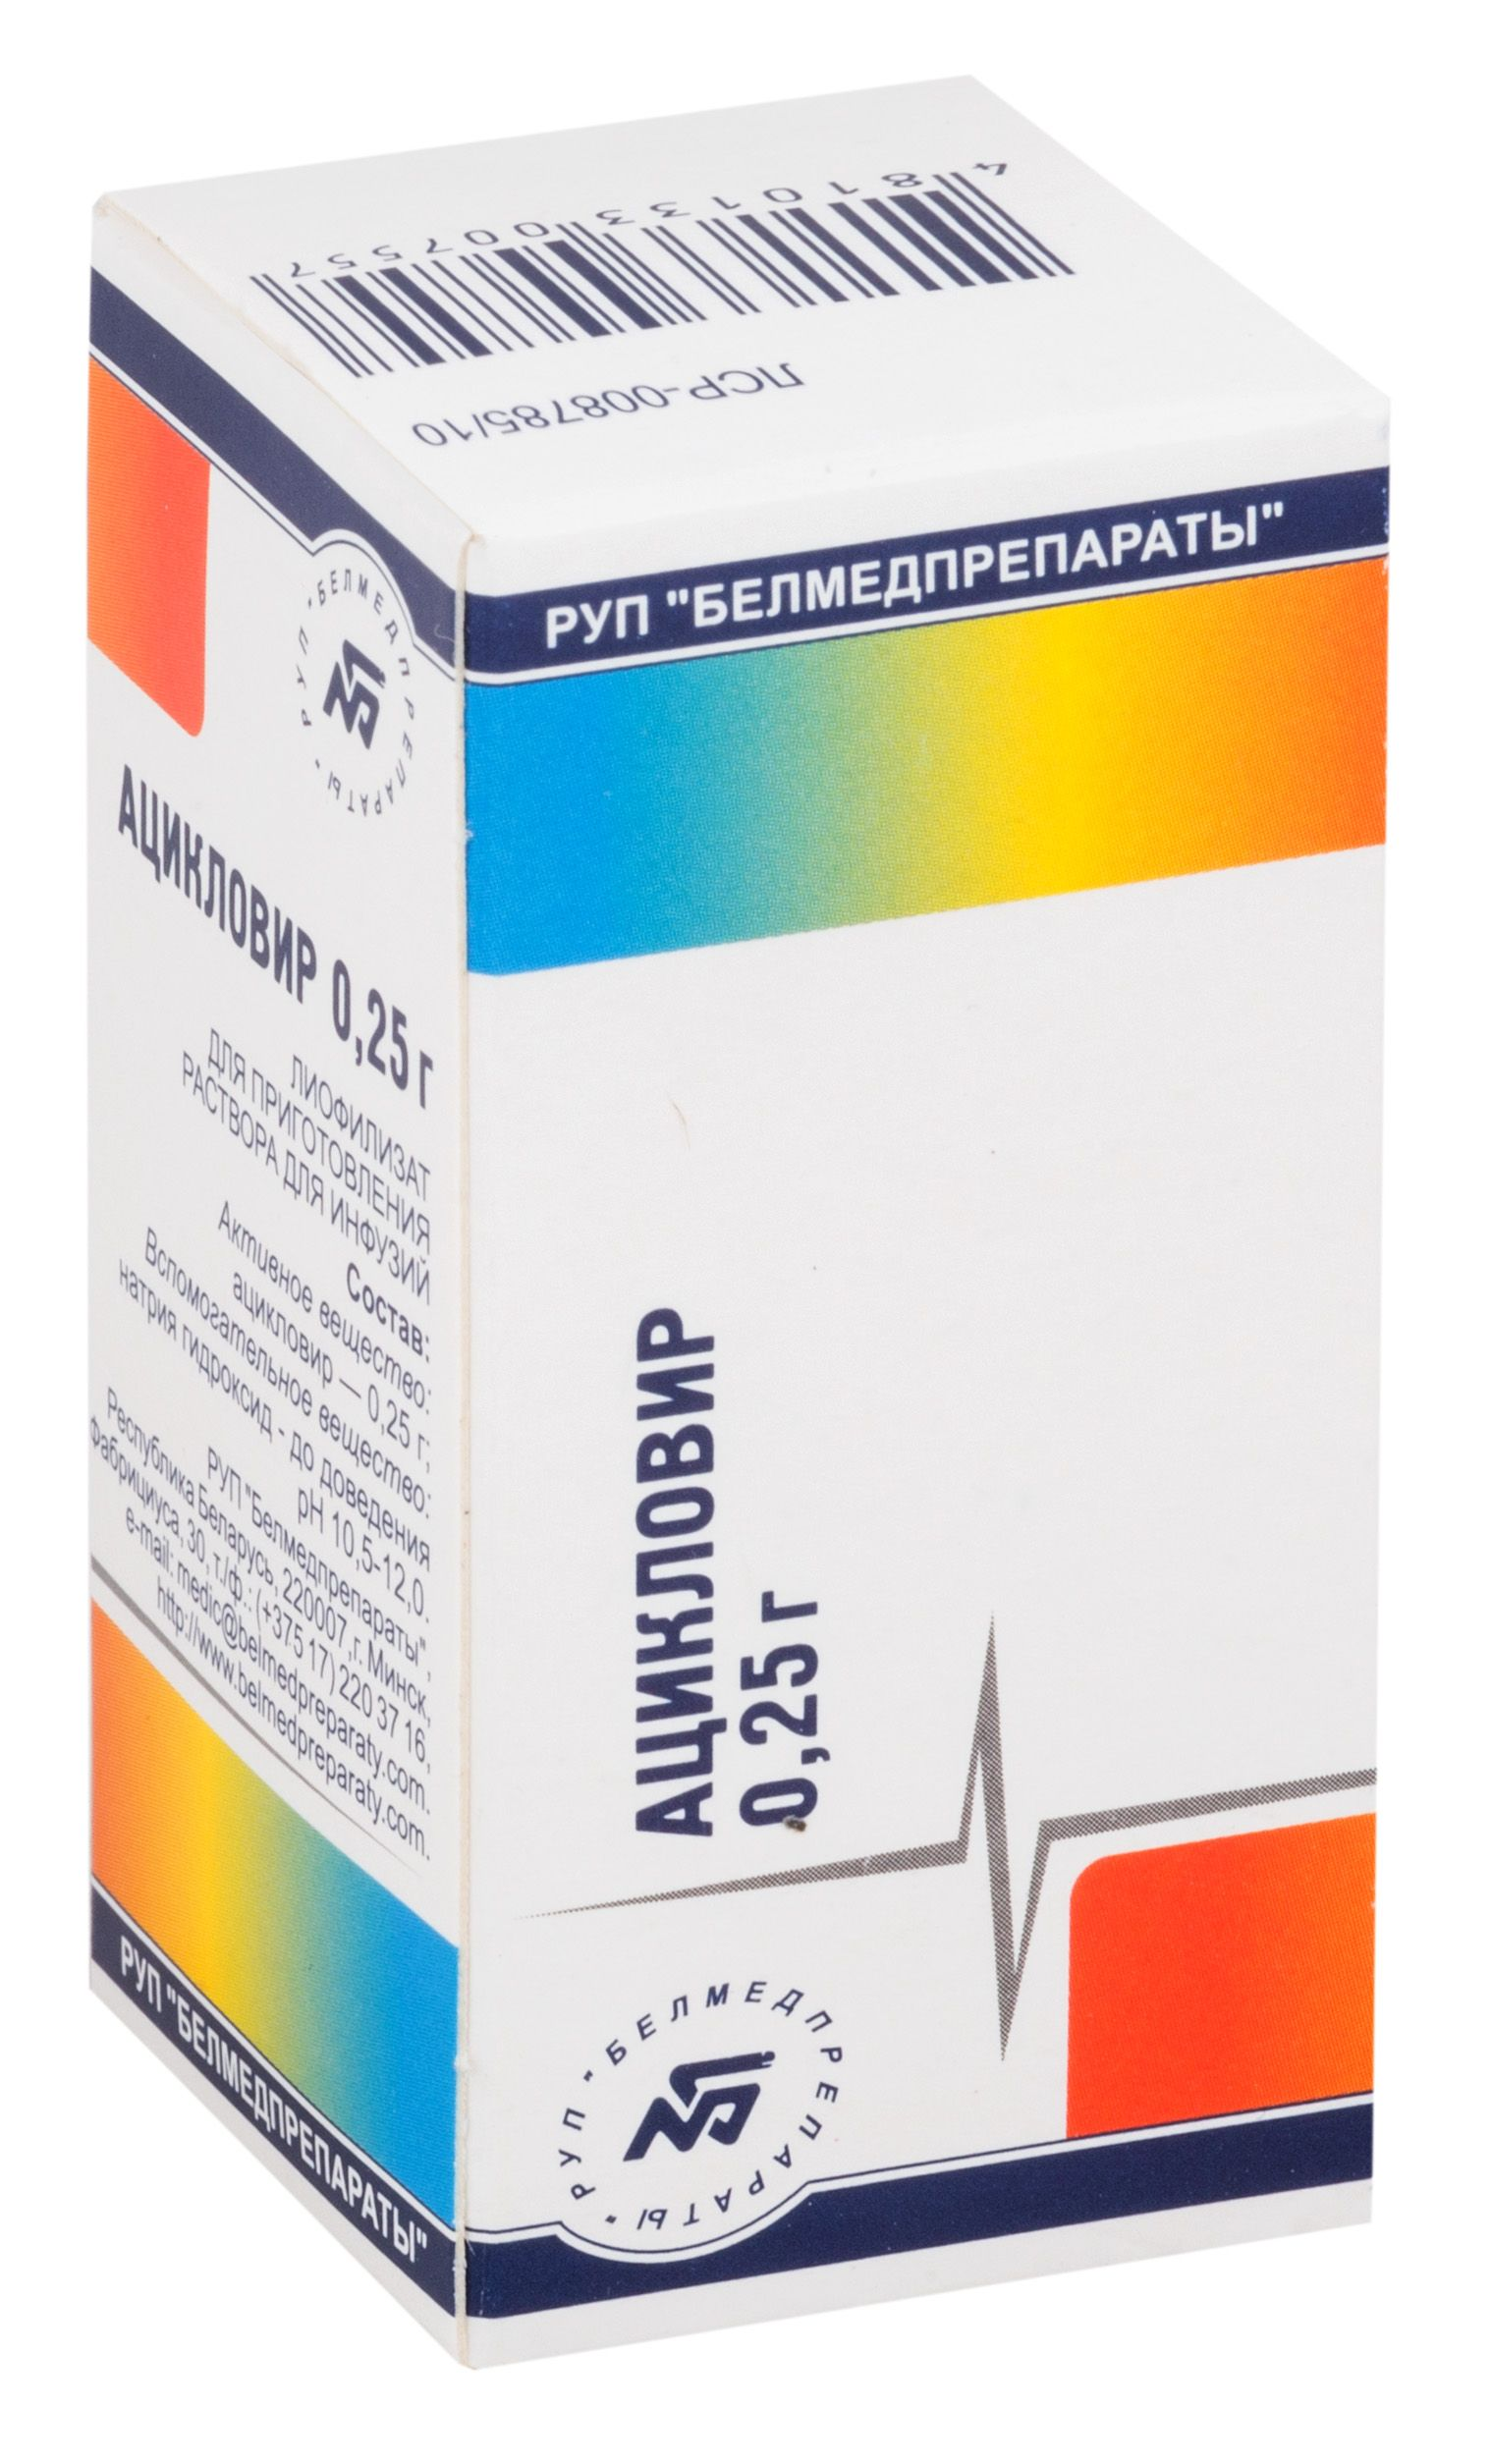 Ацикловир, 0.25 г, лиофилизат для приготовления раствора для инфузий, 1шт.